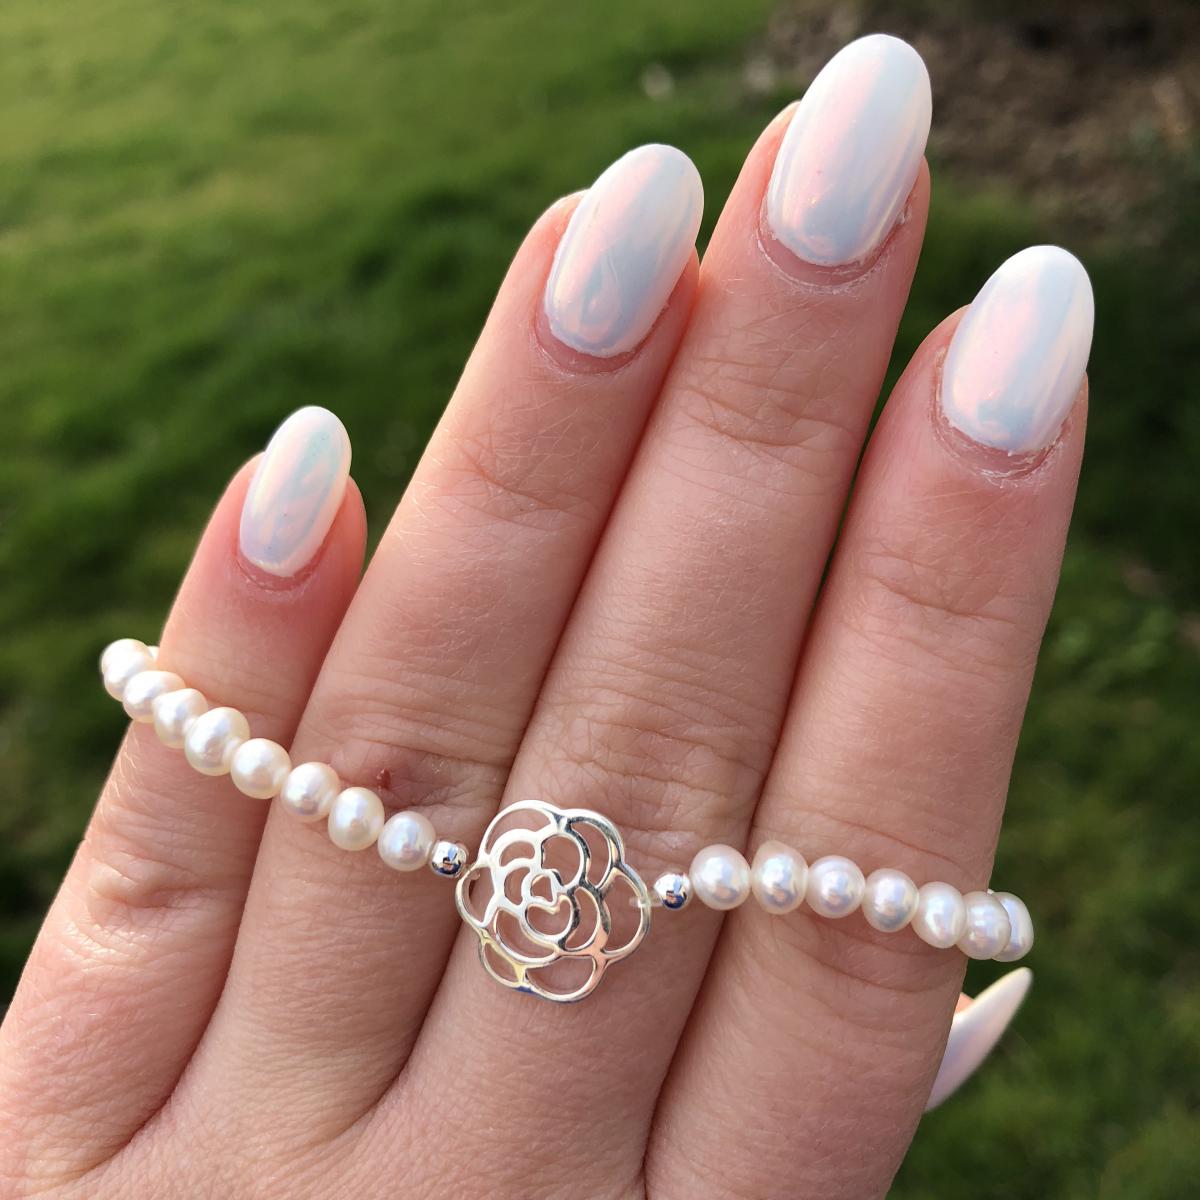 Perlový náramok z pravých riečnych perál s príveskom v tvare ruže